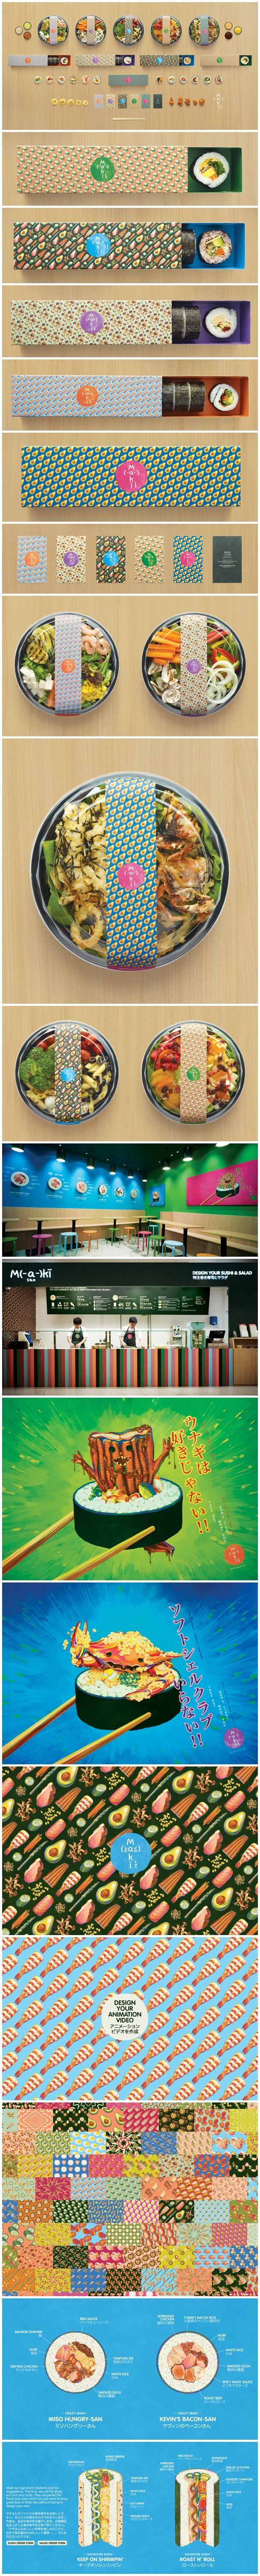 Maki-San Sushi Store / Corporate Design / Verpackungsdesign mit poppigen Farben und Essensmustern